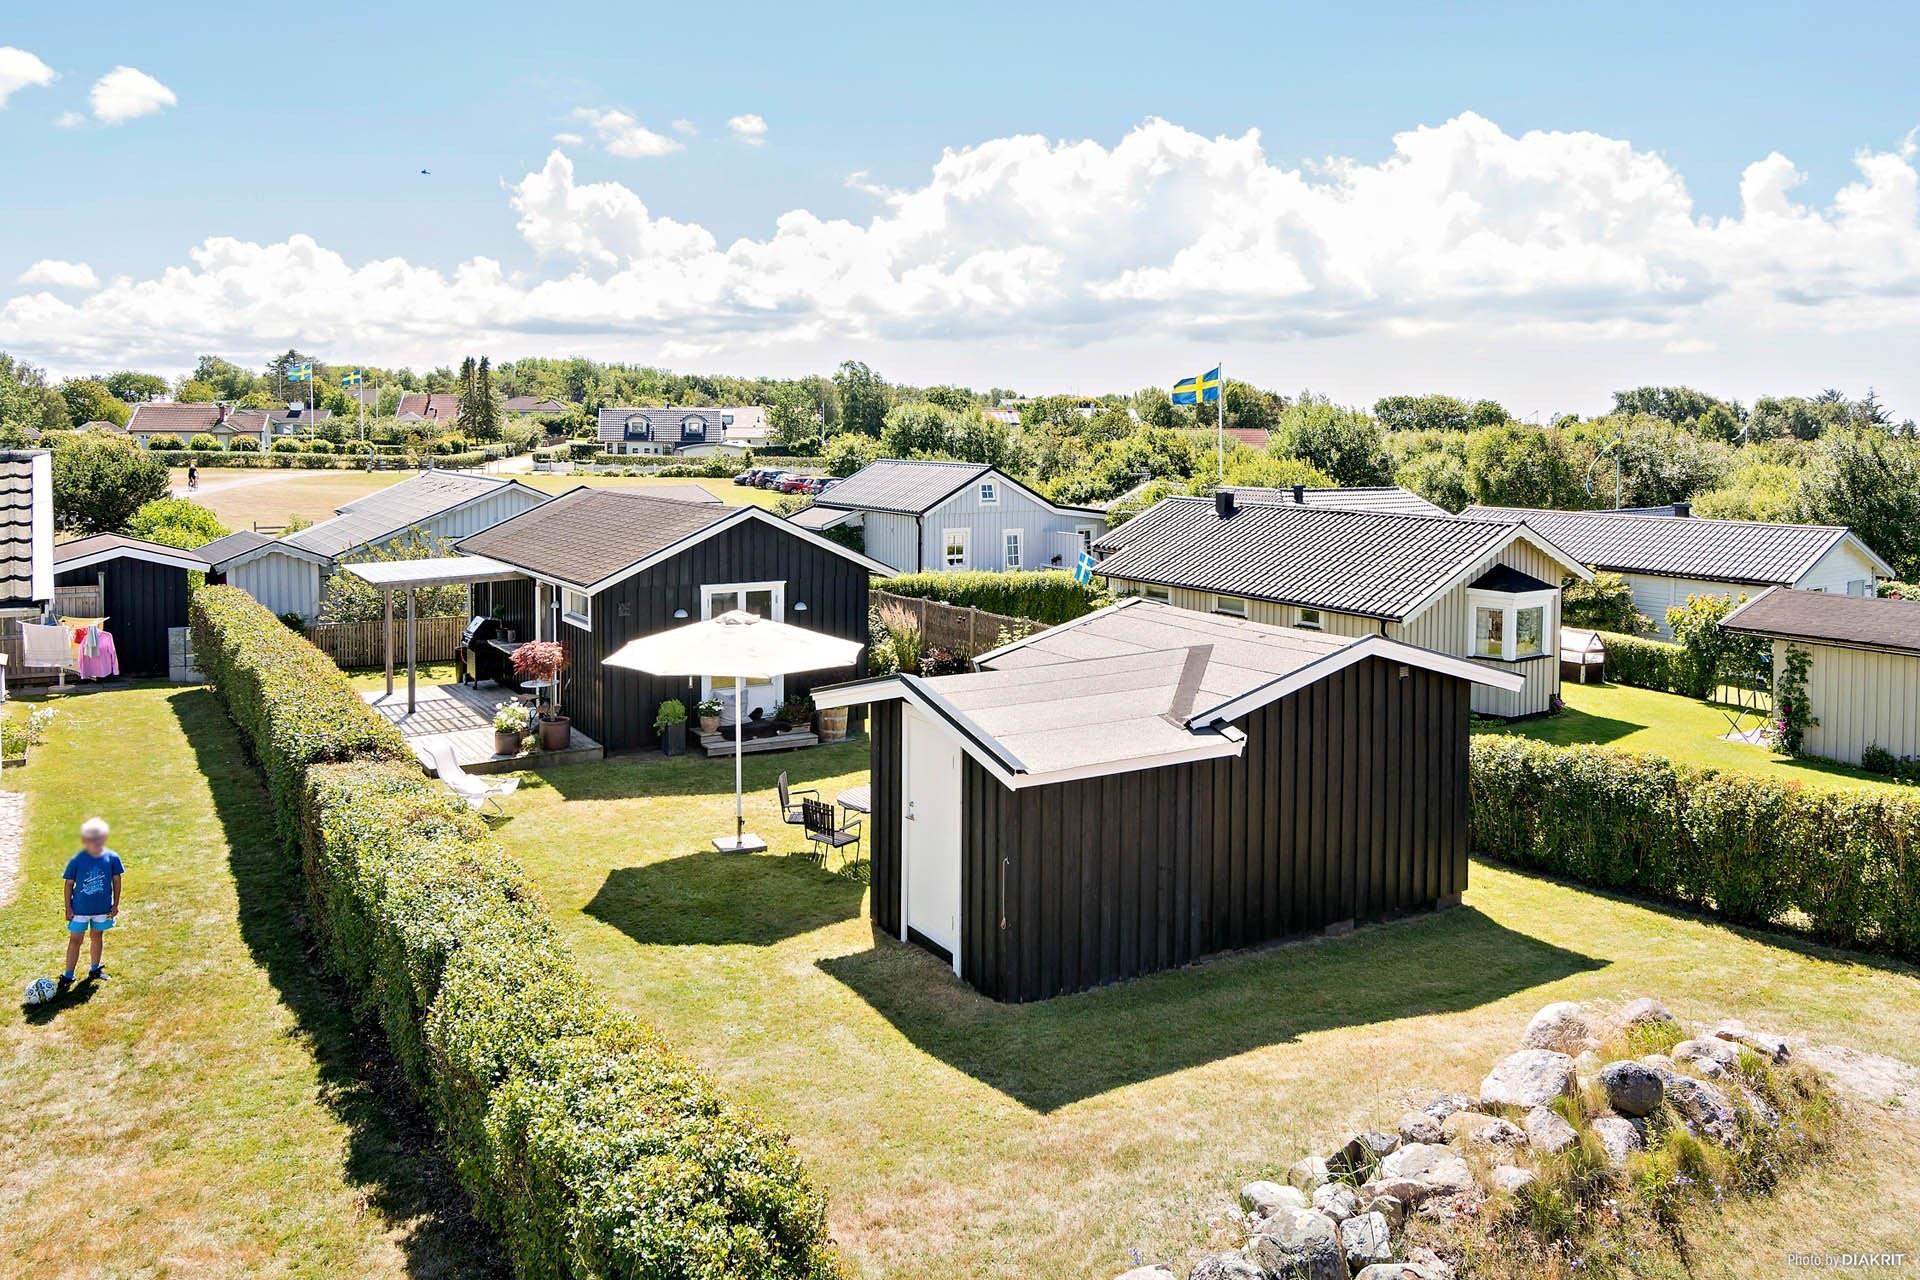 Ngôi nhà 45m2 tọa lạc trên thảm cỏ xanh mượt với không gian sống trong lành ai nhìn cũng thích - Ảnh 2.